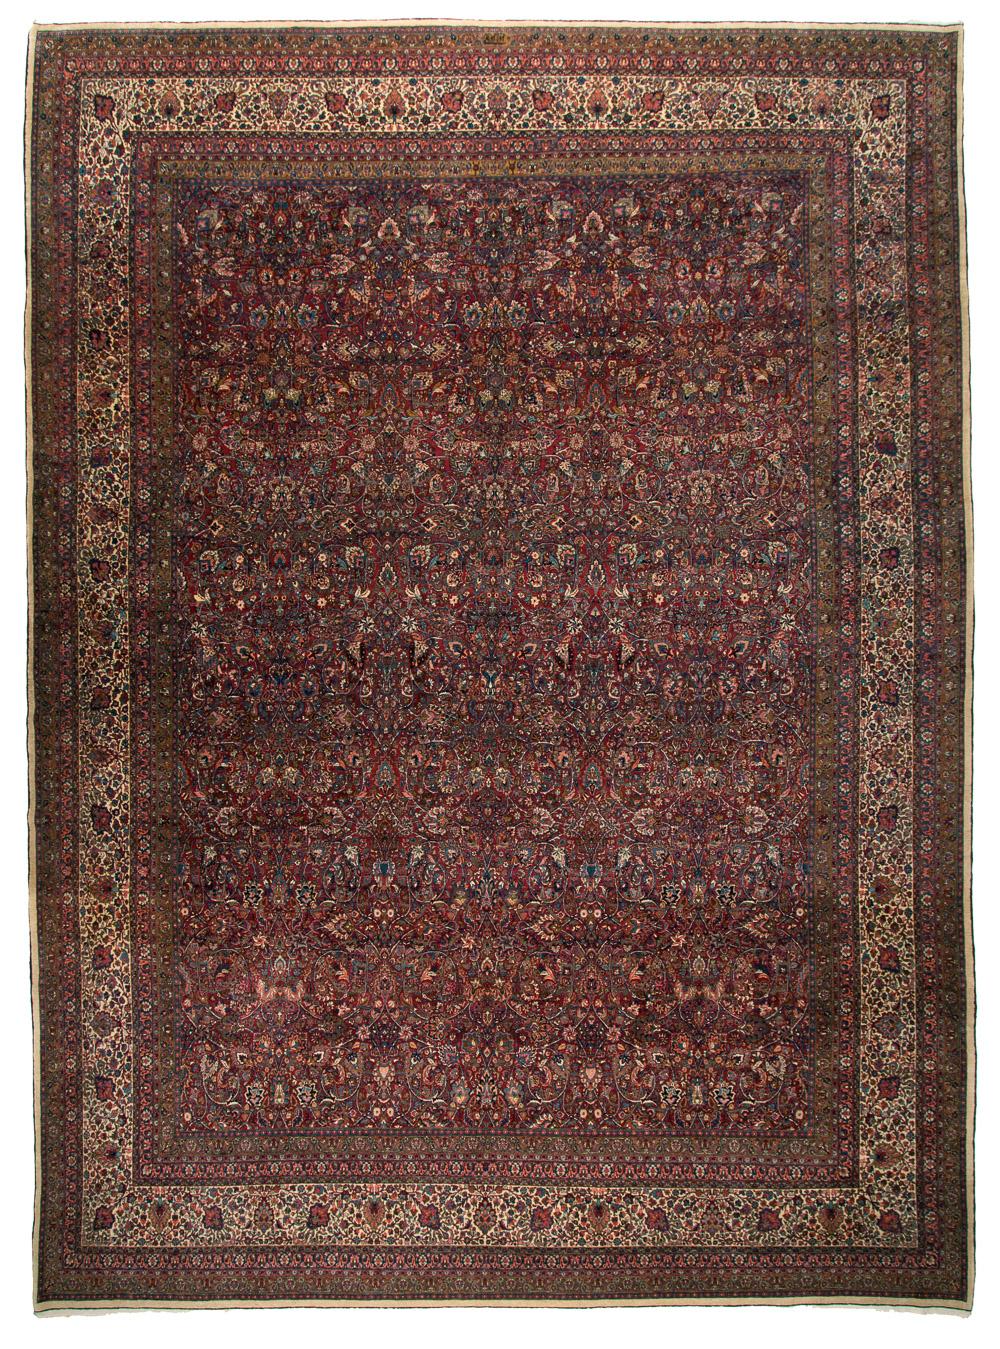 Signed Amoghli rug, Mashaad, 363 x 490 cm, Ramezani